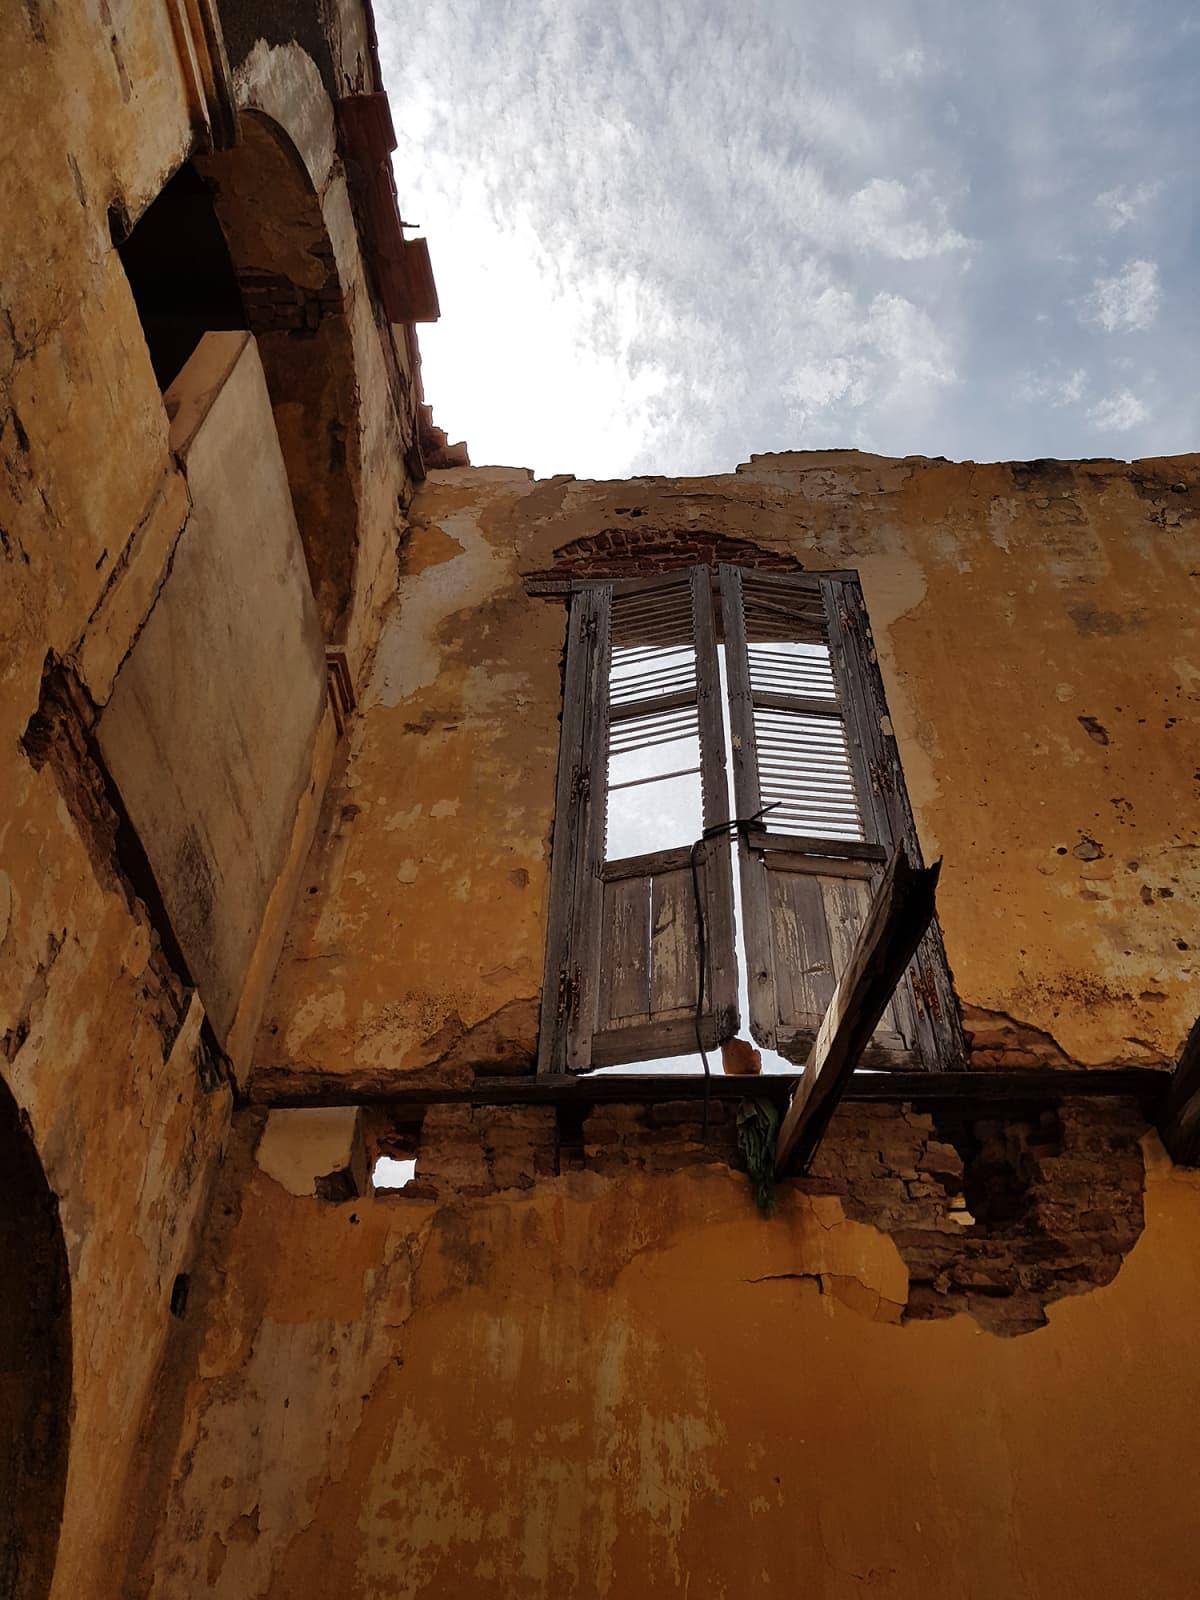 Kuvassa on talon seinä ja toisen kerroksen puinen ovi, jonka takana näkyy taivas.